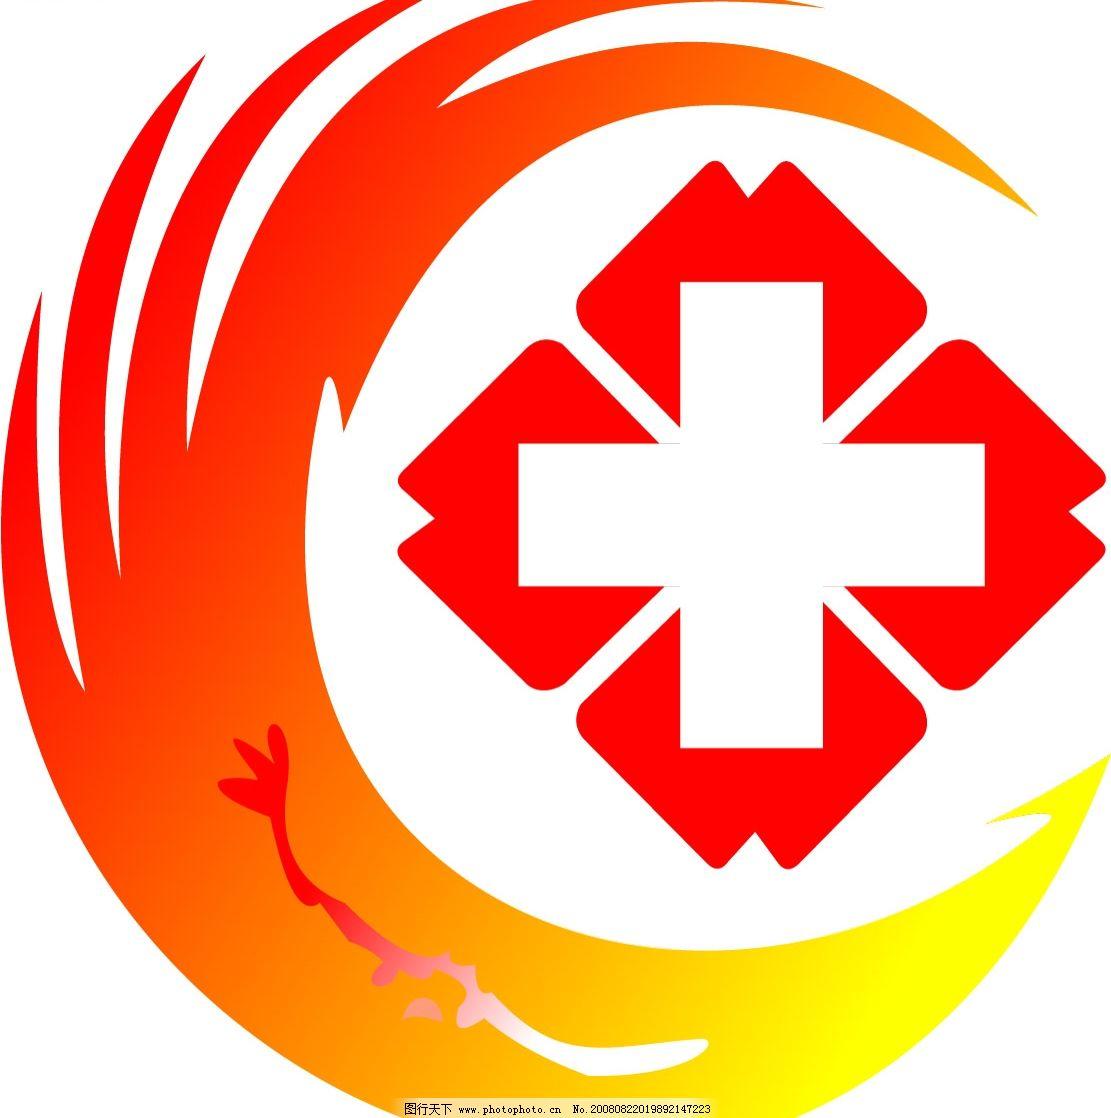 社区卫生服务标志 卫生服务标志 标识标志图标 公共标识标志 矢量图库图片